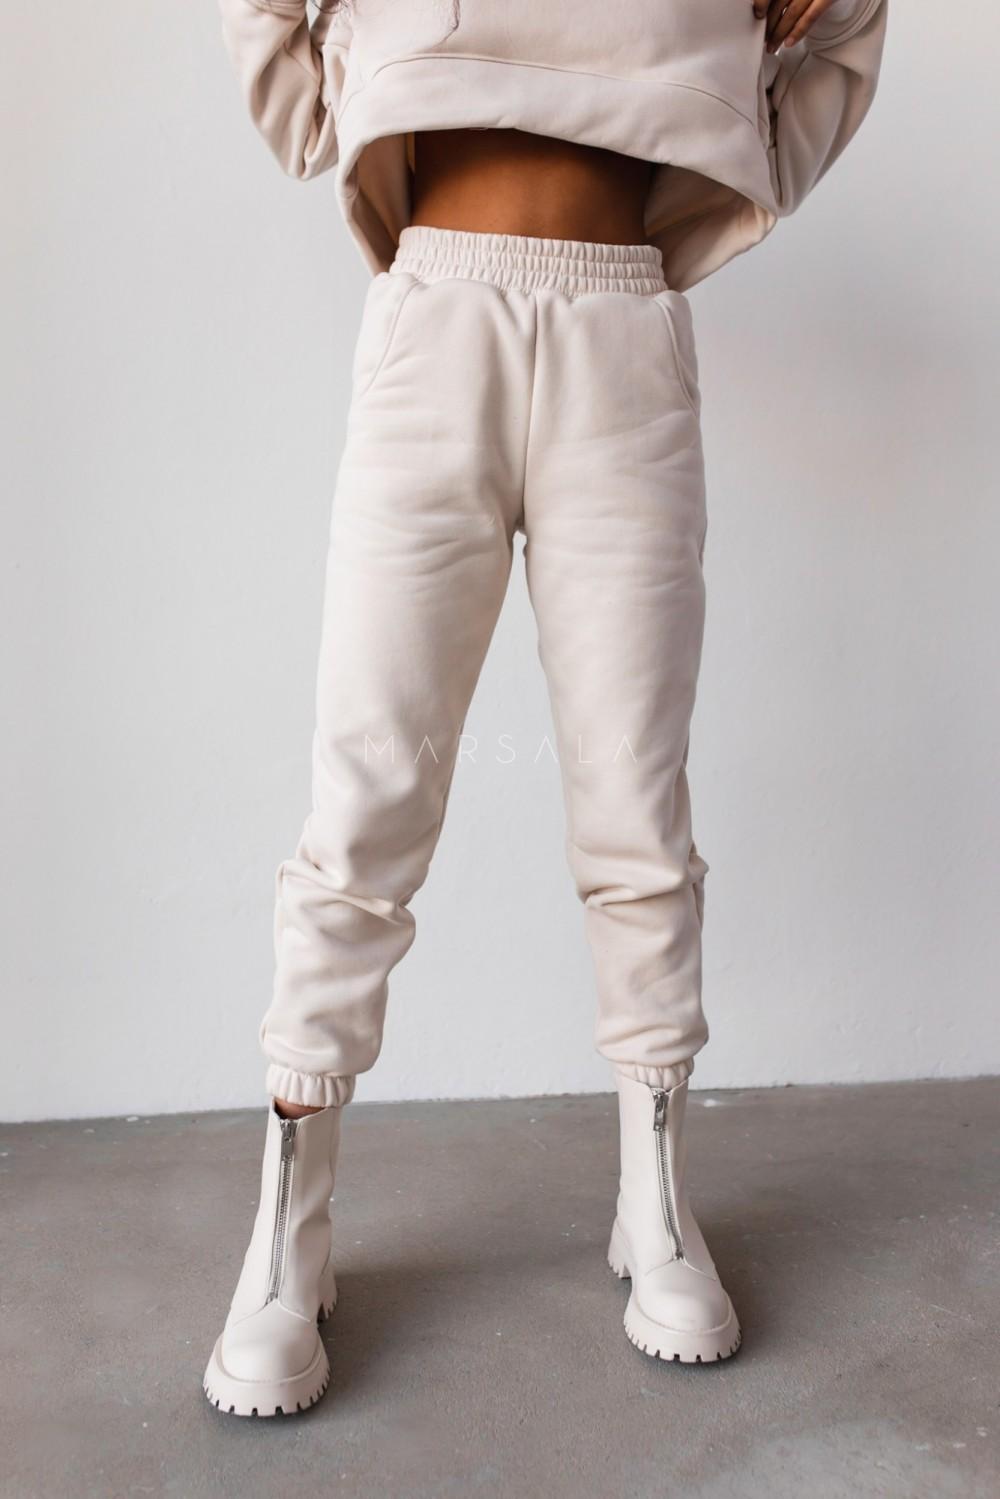 Spodnie dresowe typu jogger w kolorze WHITE SAND - DISPLAY by Marsala